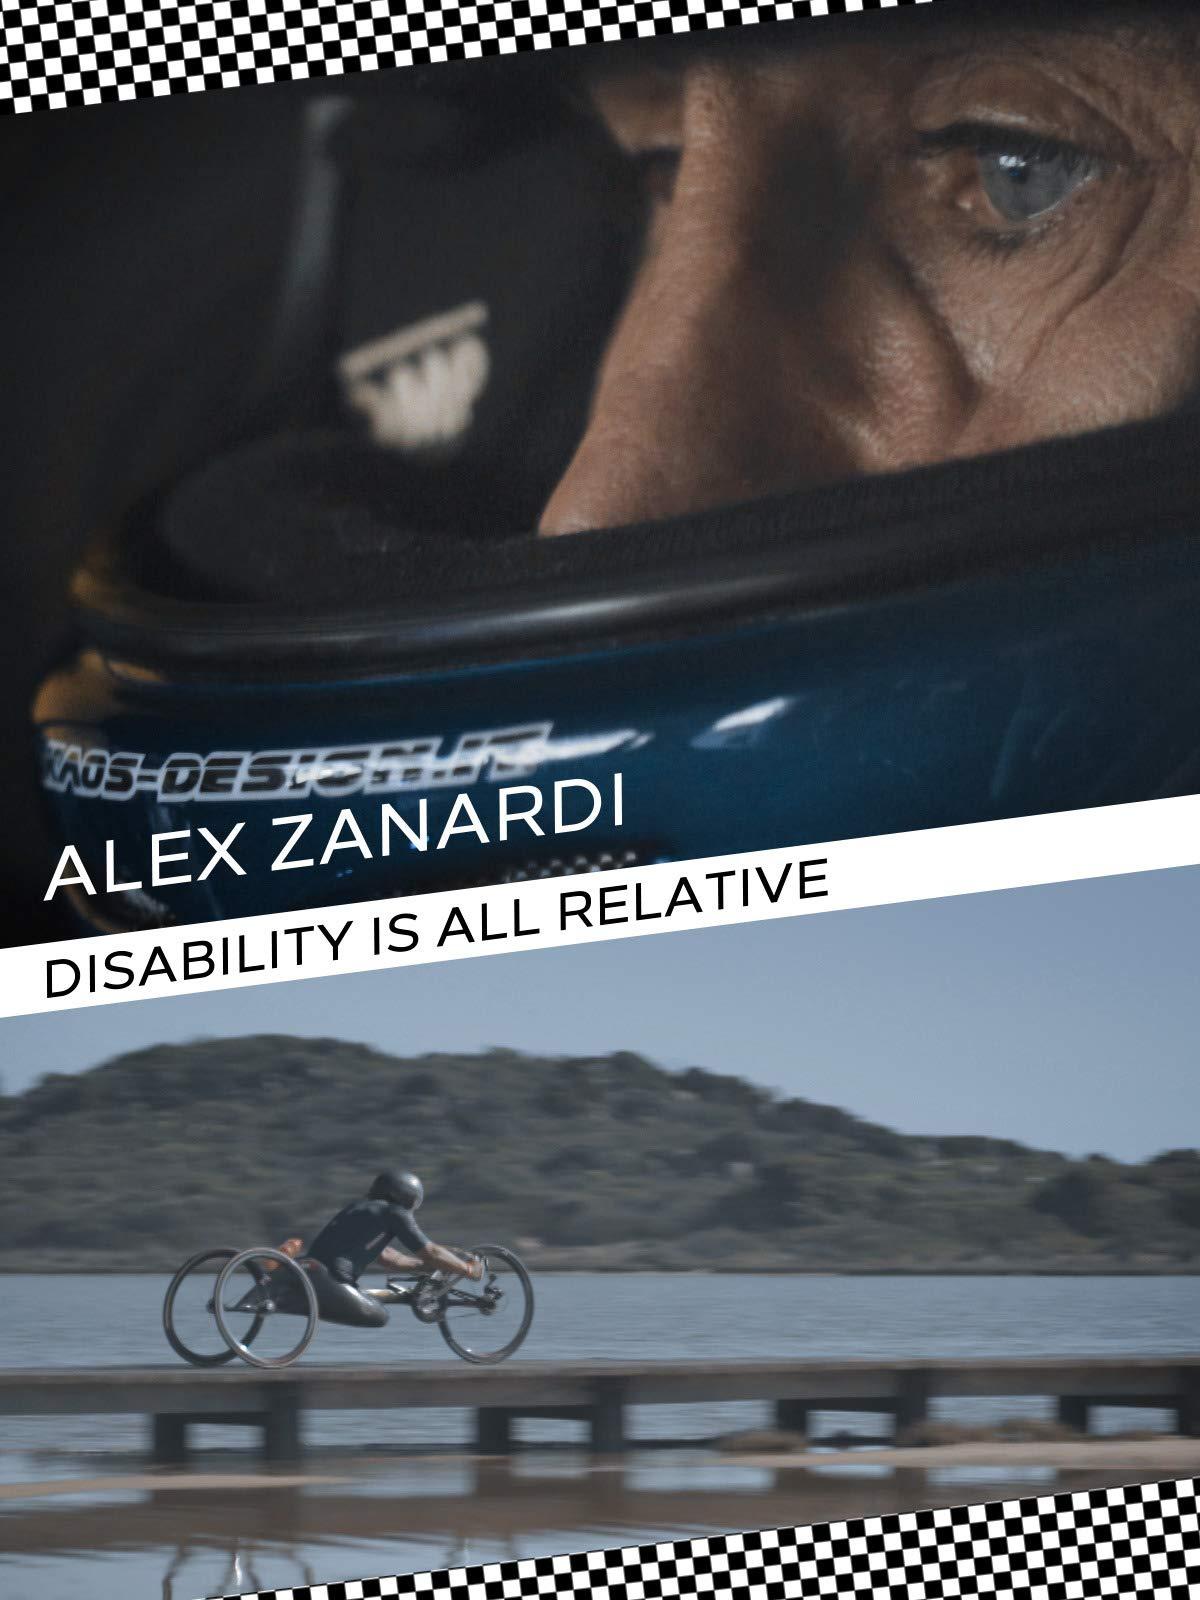 """Alex Zanardi: """"Disability is all relative."""""""